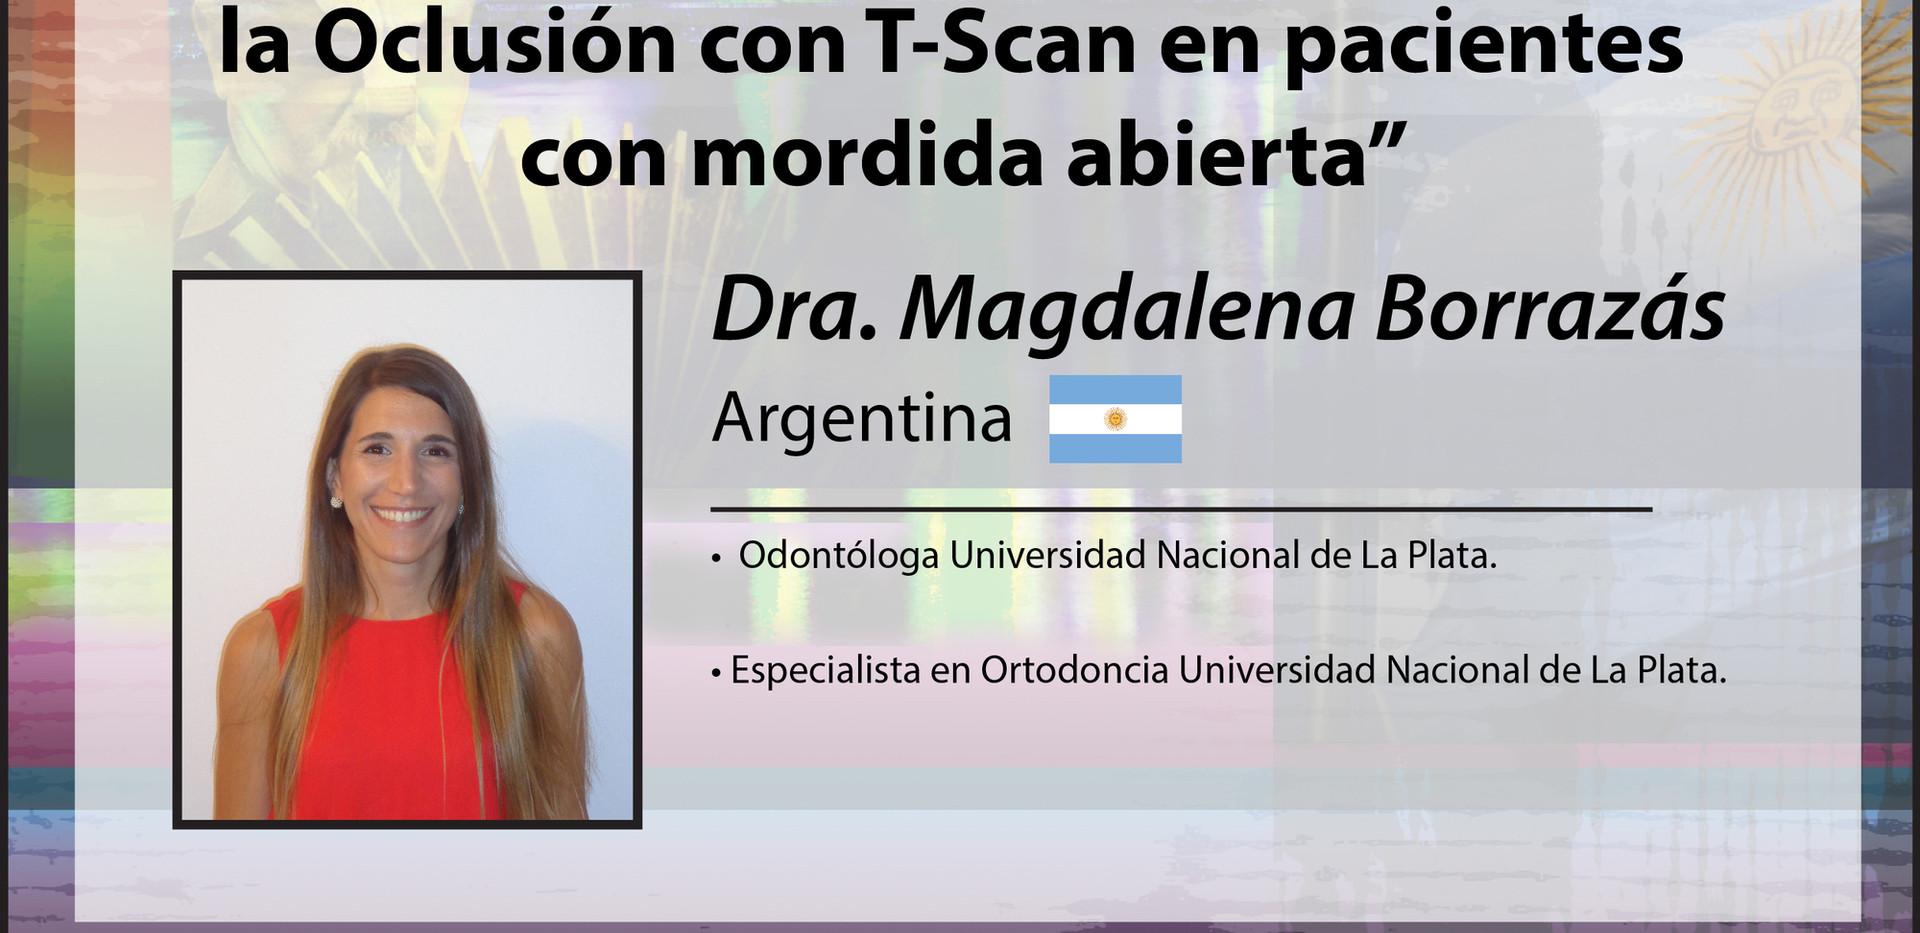 Dra. Magdalena Borrazás